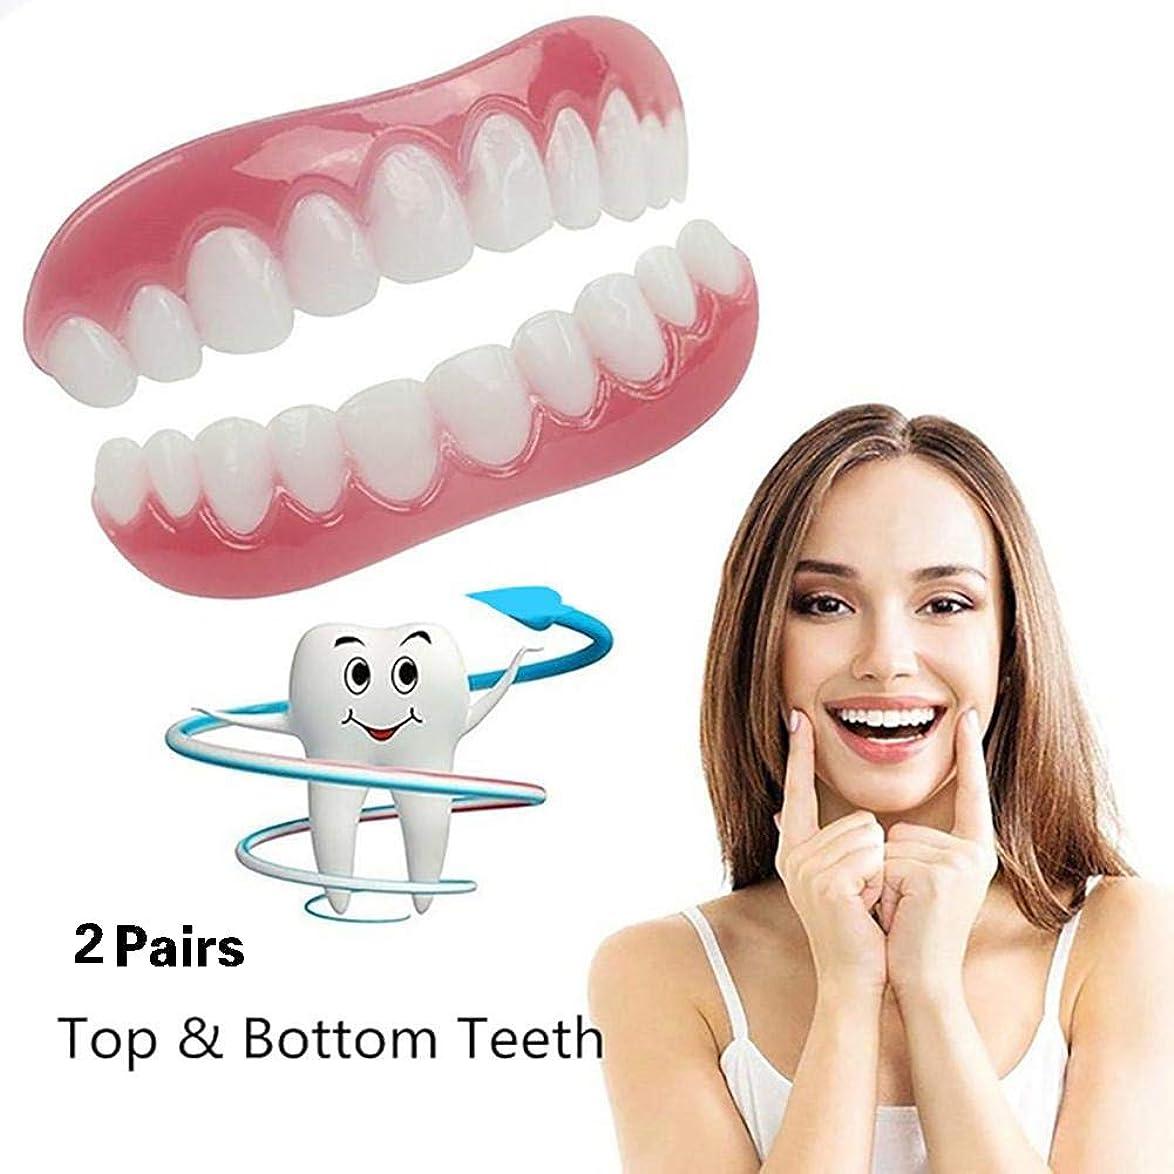 規範クッション経度2対のシリコーンの歯のベニヤの歯の快適さのフィットフレックス化粧品の歯義歯の歯のトップとボトム化粧品のベニヤのシミュレーションのブレースワンサイズフィットすべて